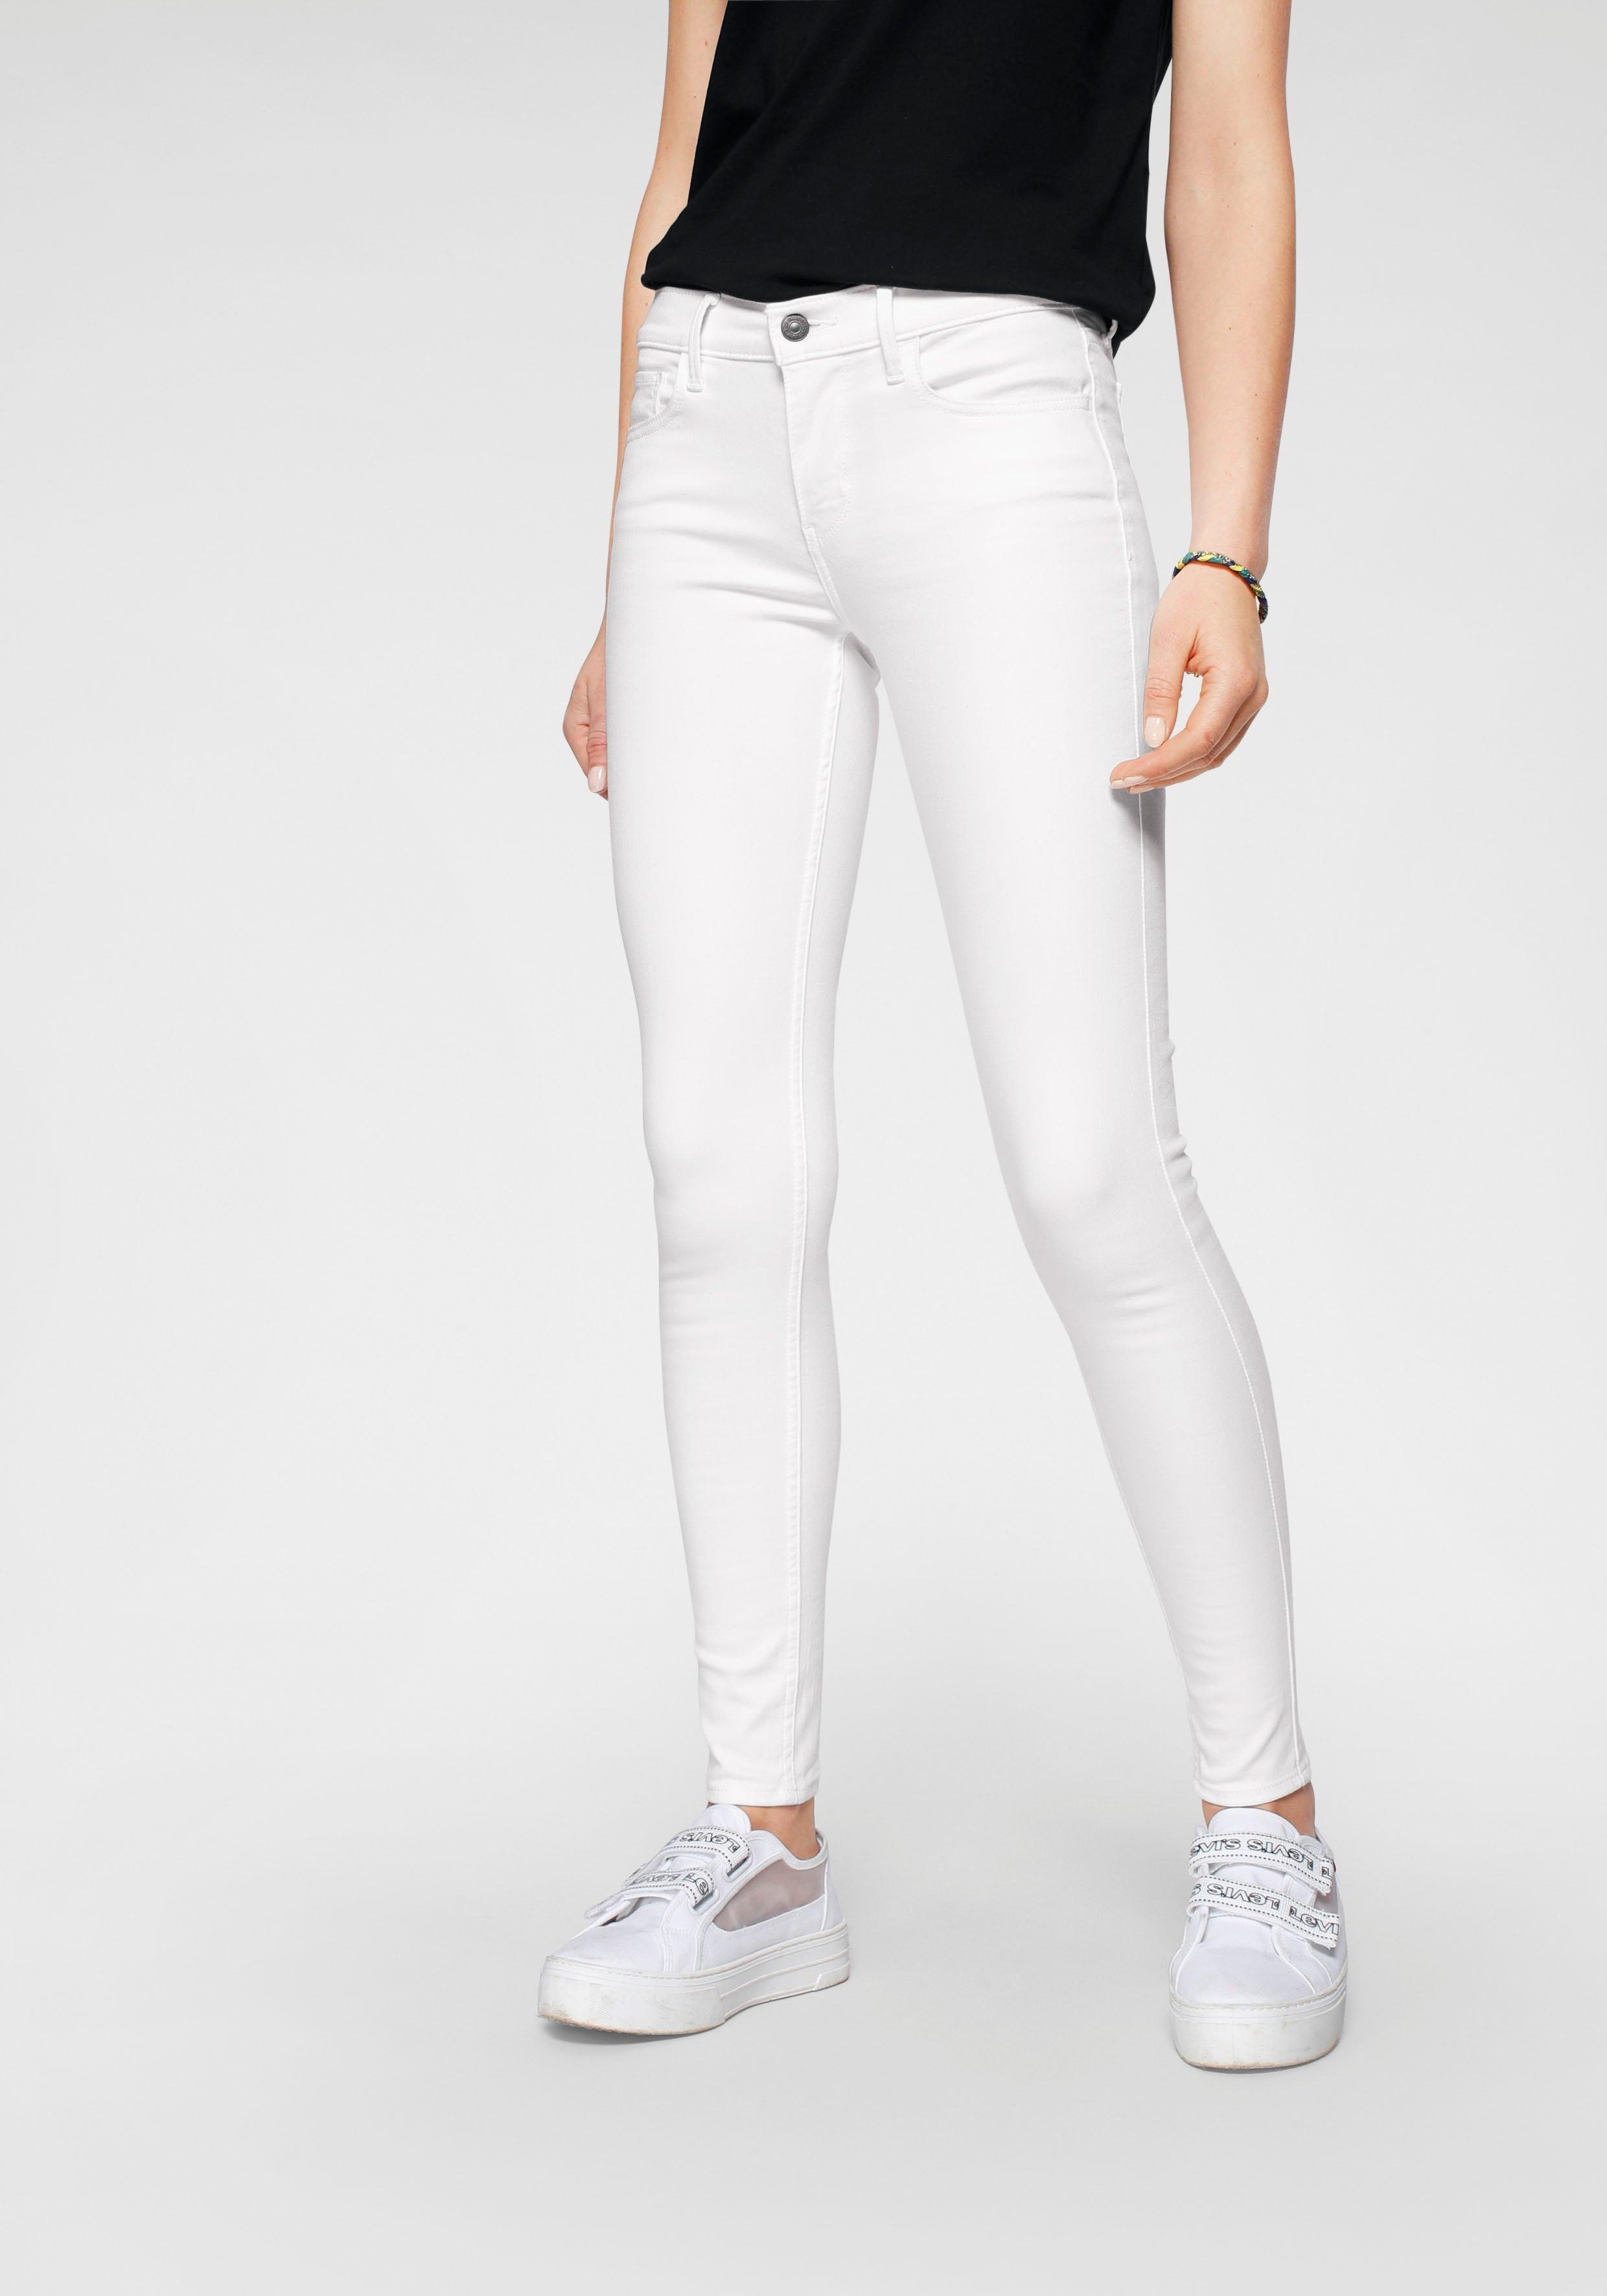 Levi's slim fit jeans 311 Shaping Skinny in 5-pocketsstijl nu online bestellen